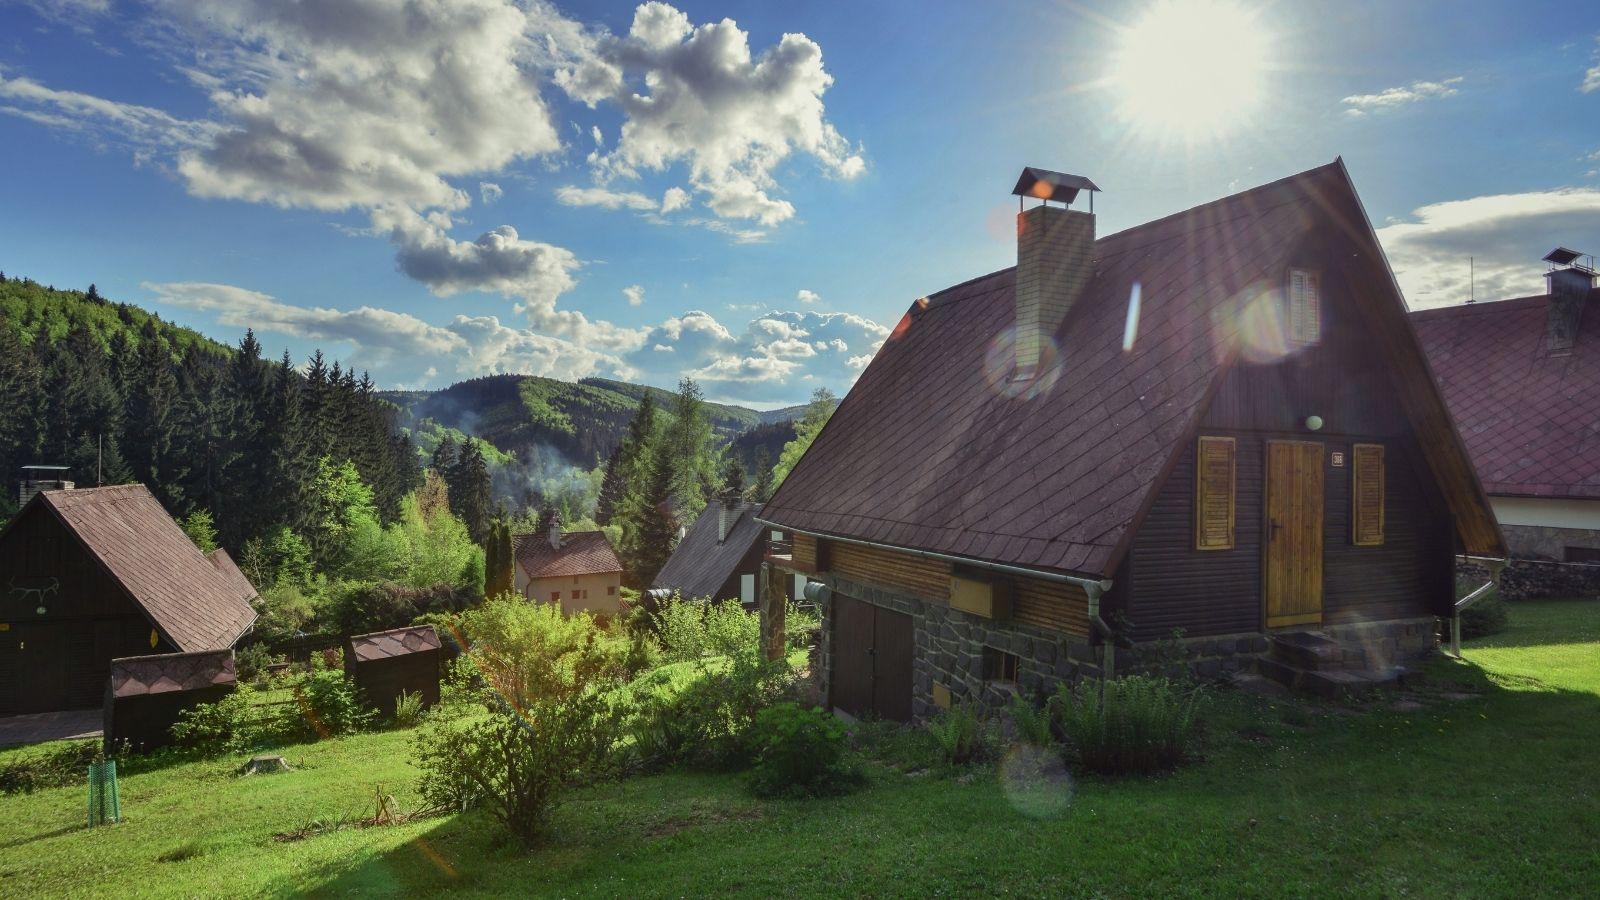 Британцы покупают недвижимость за границей - что нужно знать